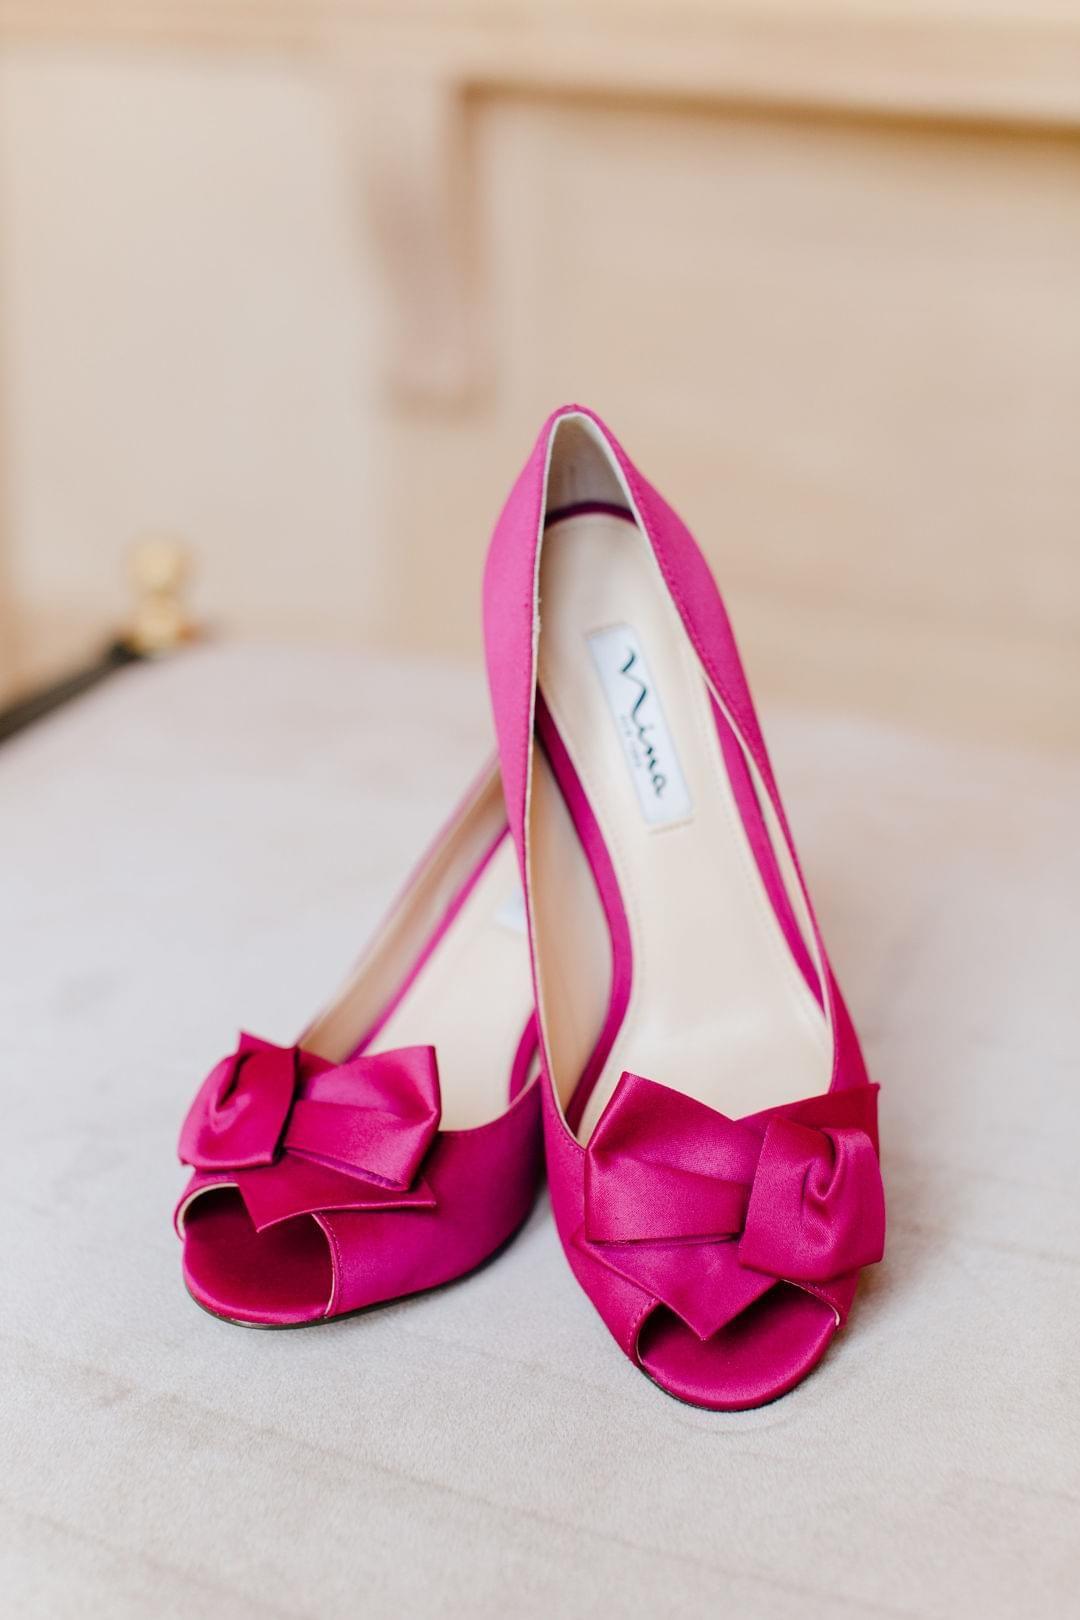 Hot Pink Satin High Heels Peep Toe Wedding Shoes Fuchsia